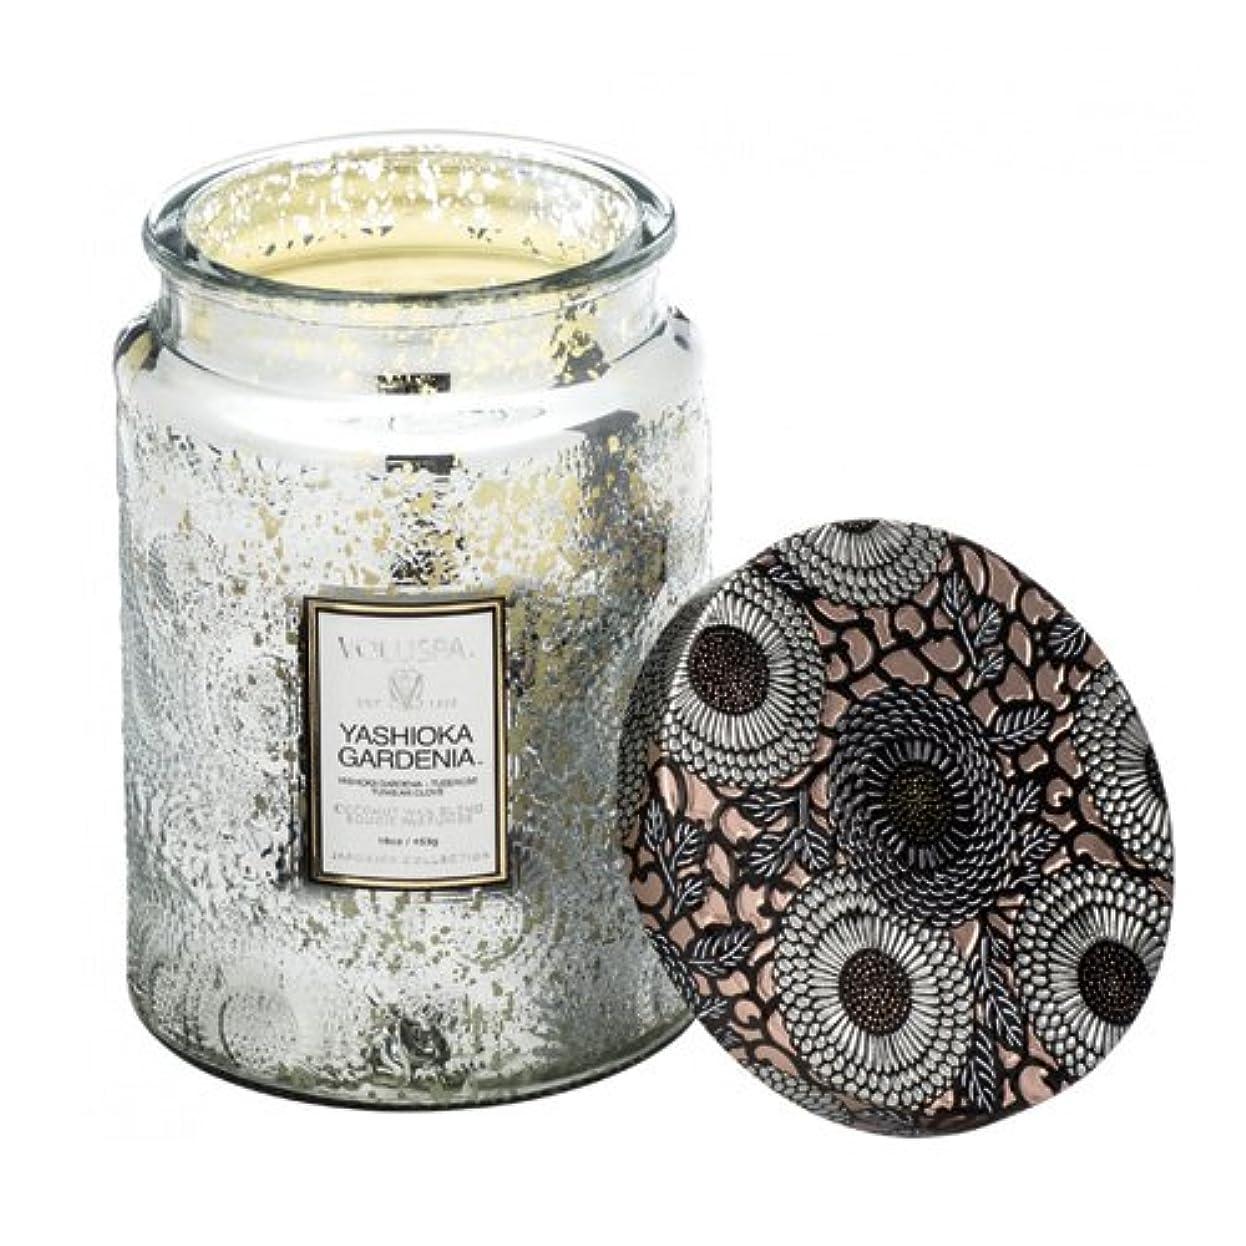 ありがたい意味女の子Voluspa ボルスパ ジャポニカ リミテッド グラスジャーキャンドル  L ヤシオカガーデニア YASHIOKA GARDENIA JAPONICA Limited LARGE EMBOSSED Glass jar candle